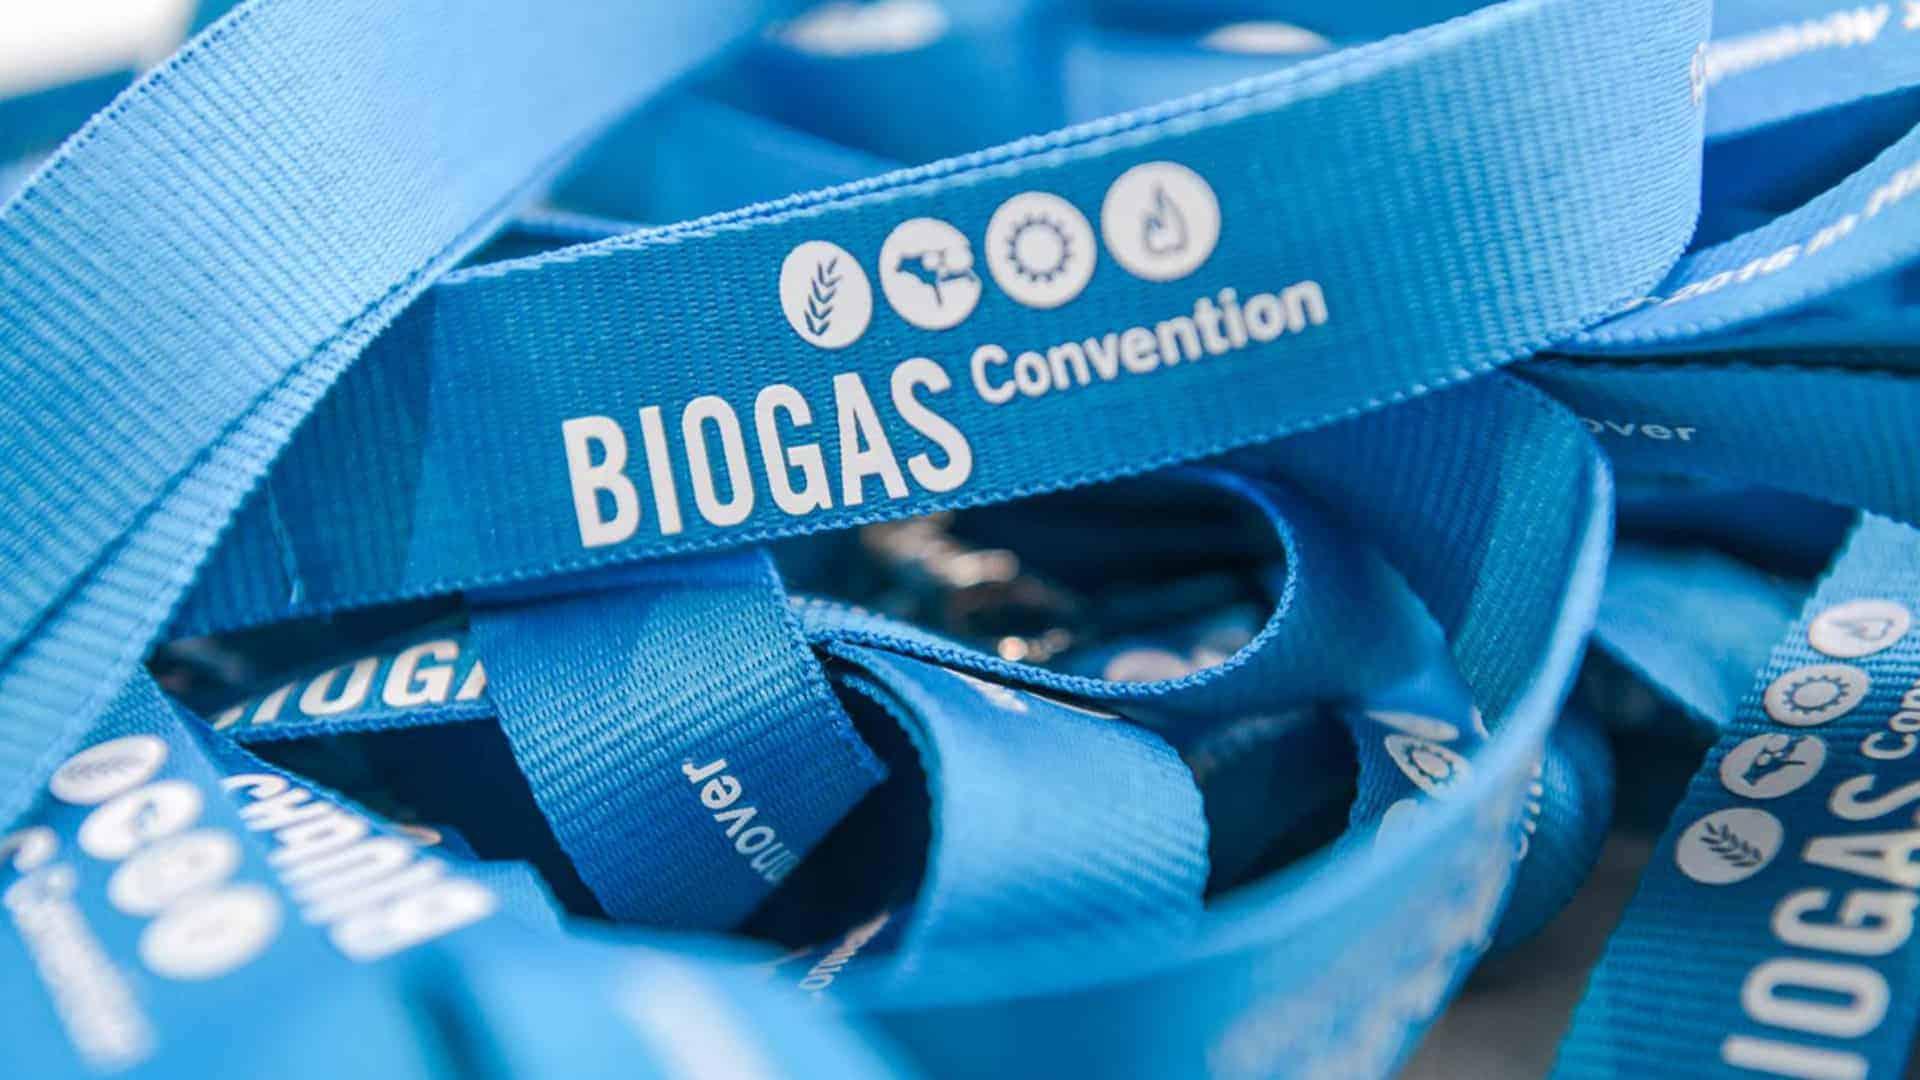 Schlüsselanhänger der BIOGAS Convention & Trade Fair 2019